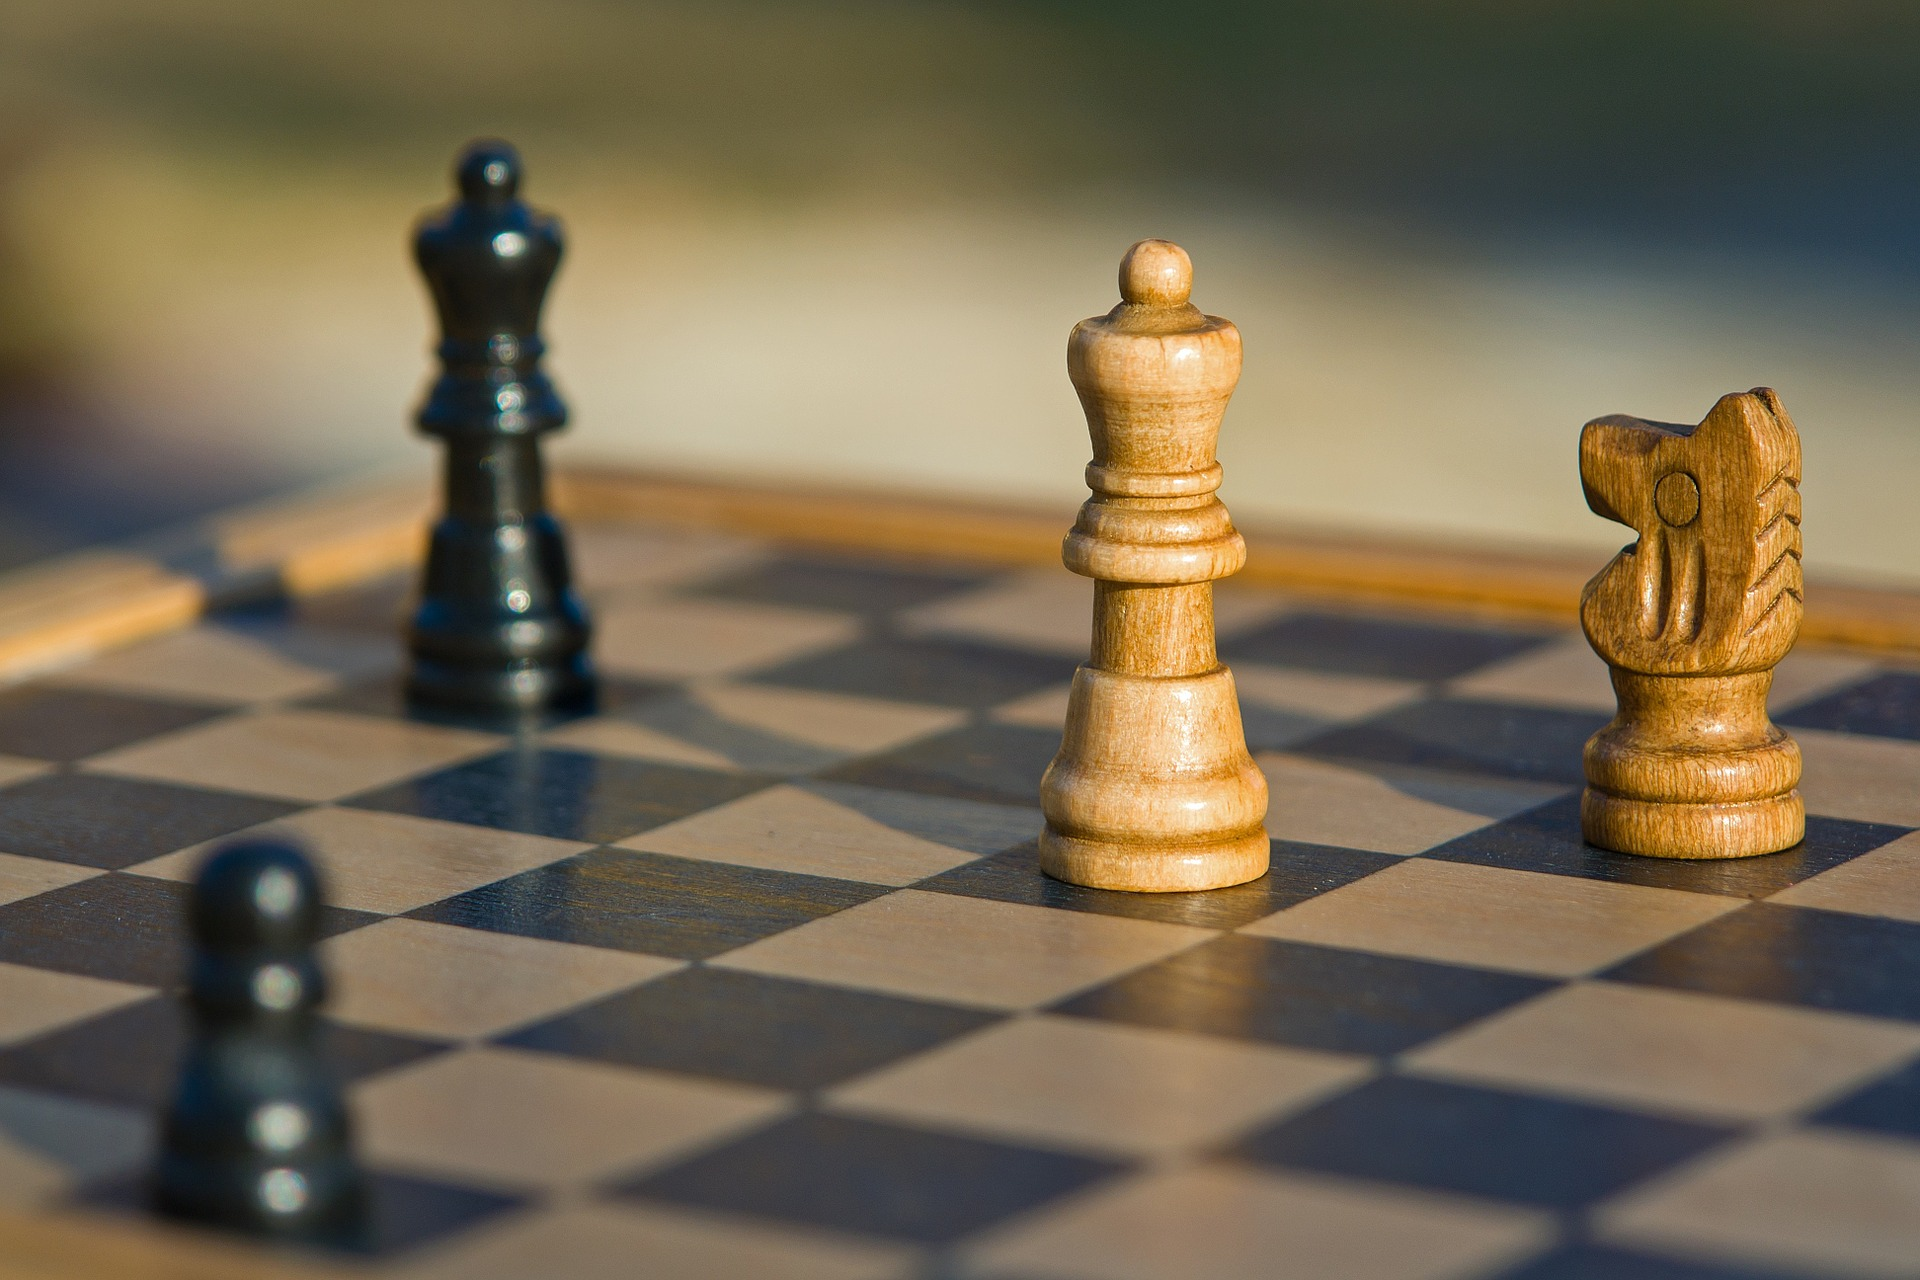 Σκάκι, Διοικητικό Συμβούλιο, καρτέλες, στρατηγική, Επιτραπέζια παιχνίδια - Wallpapers HD - Professor-falken.com